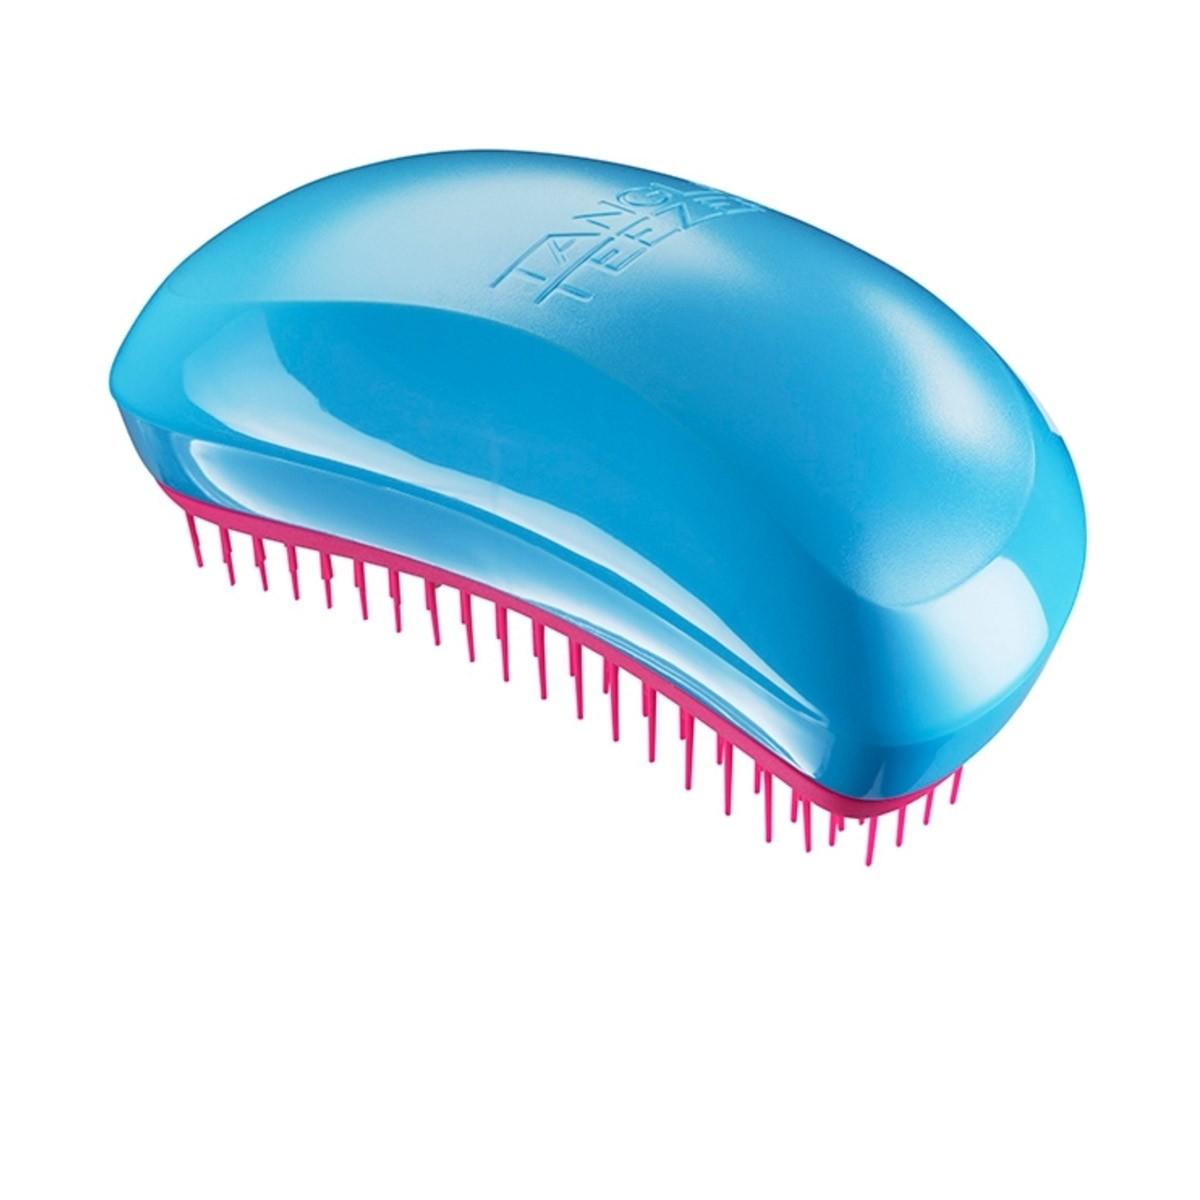 ANGLE TEEZER Salon Elite Blue Blush - Rewolucyjna szczotka do rozczesywania włosów (niebiesko-różowa)